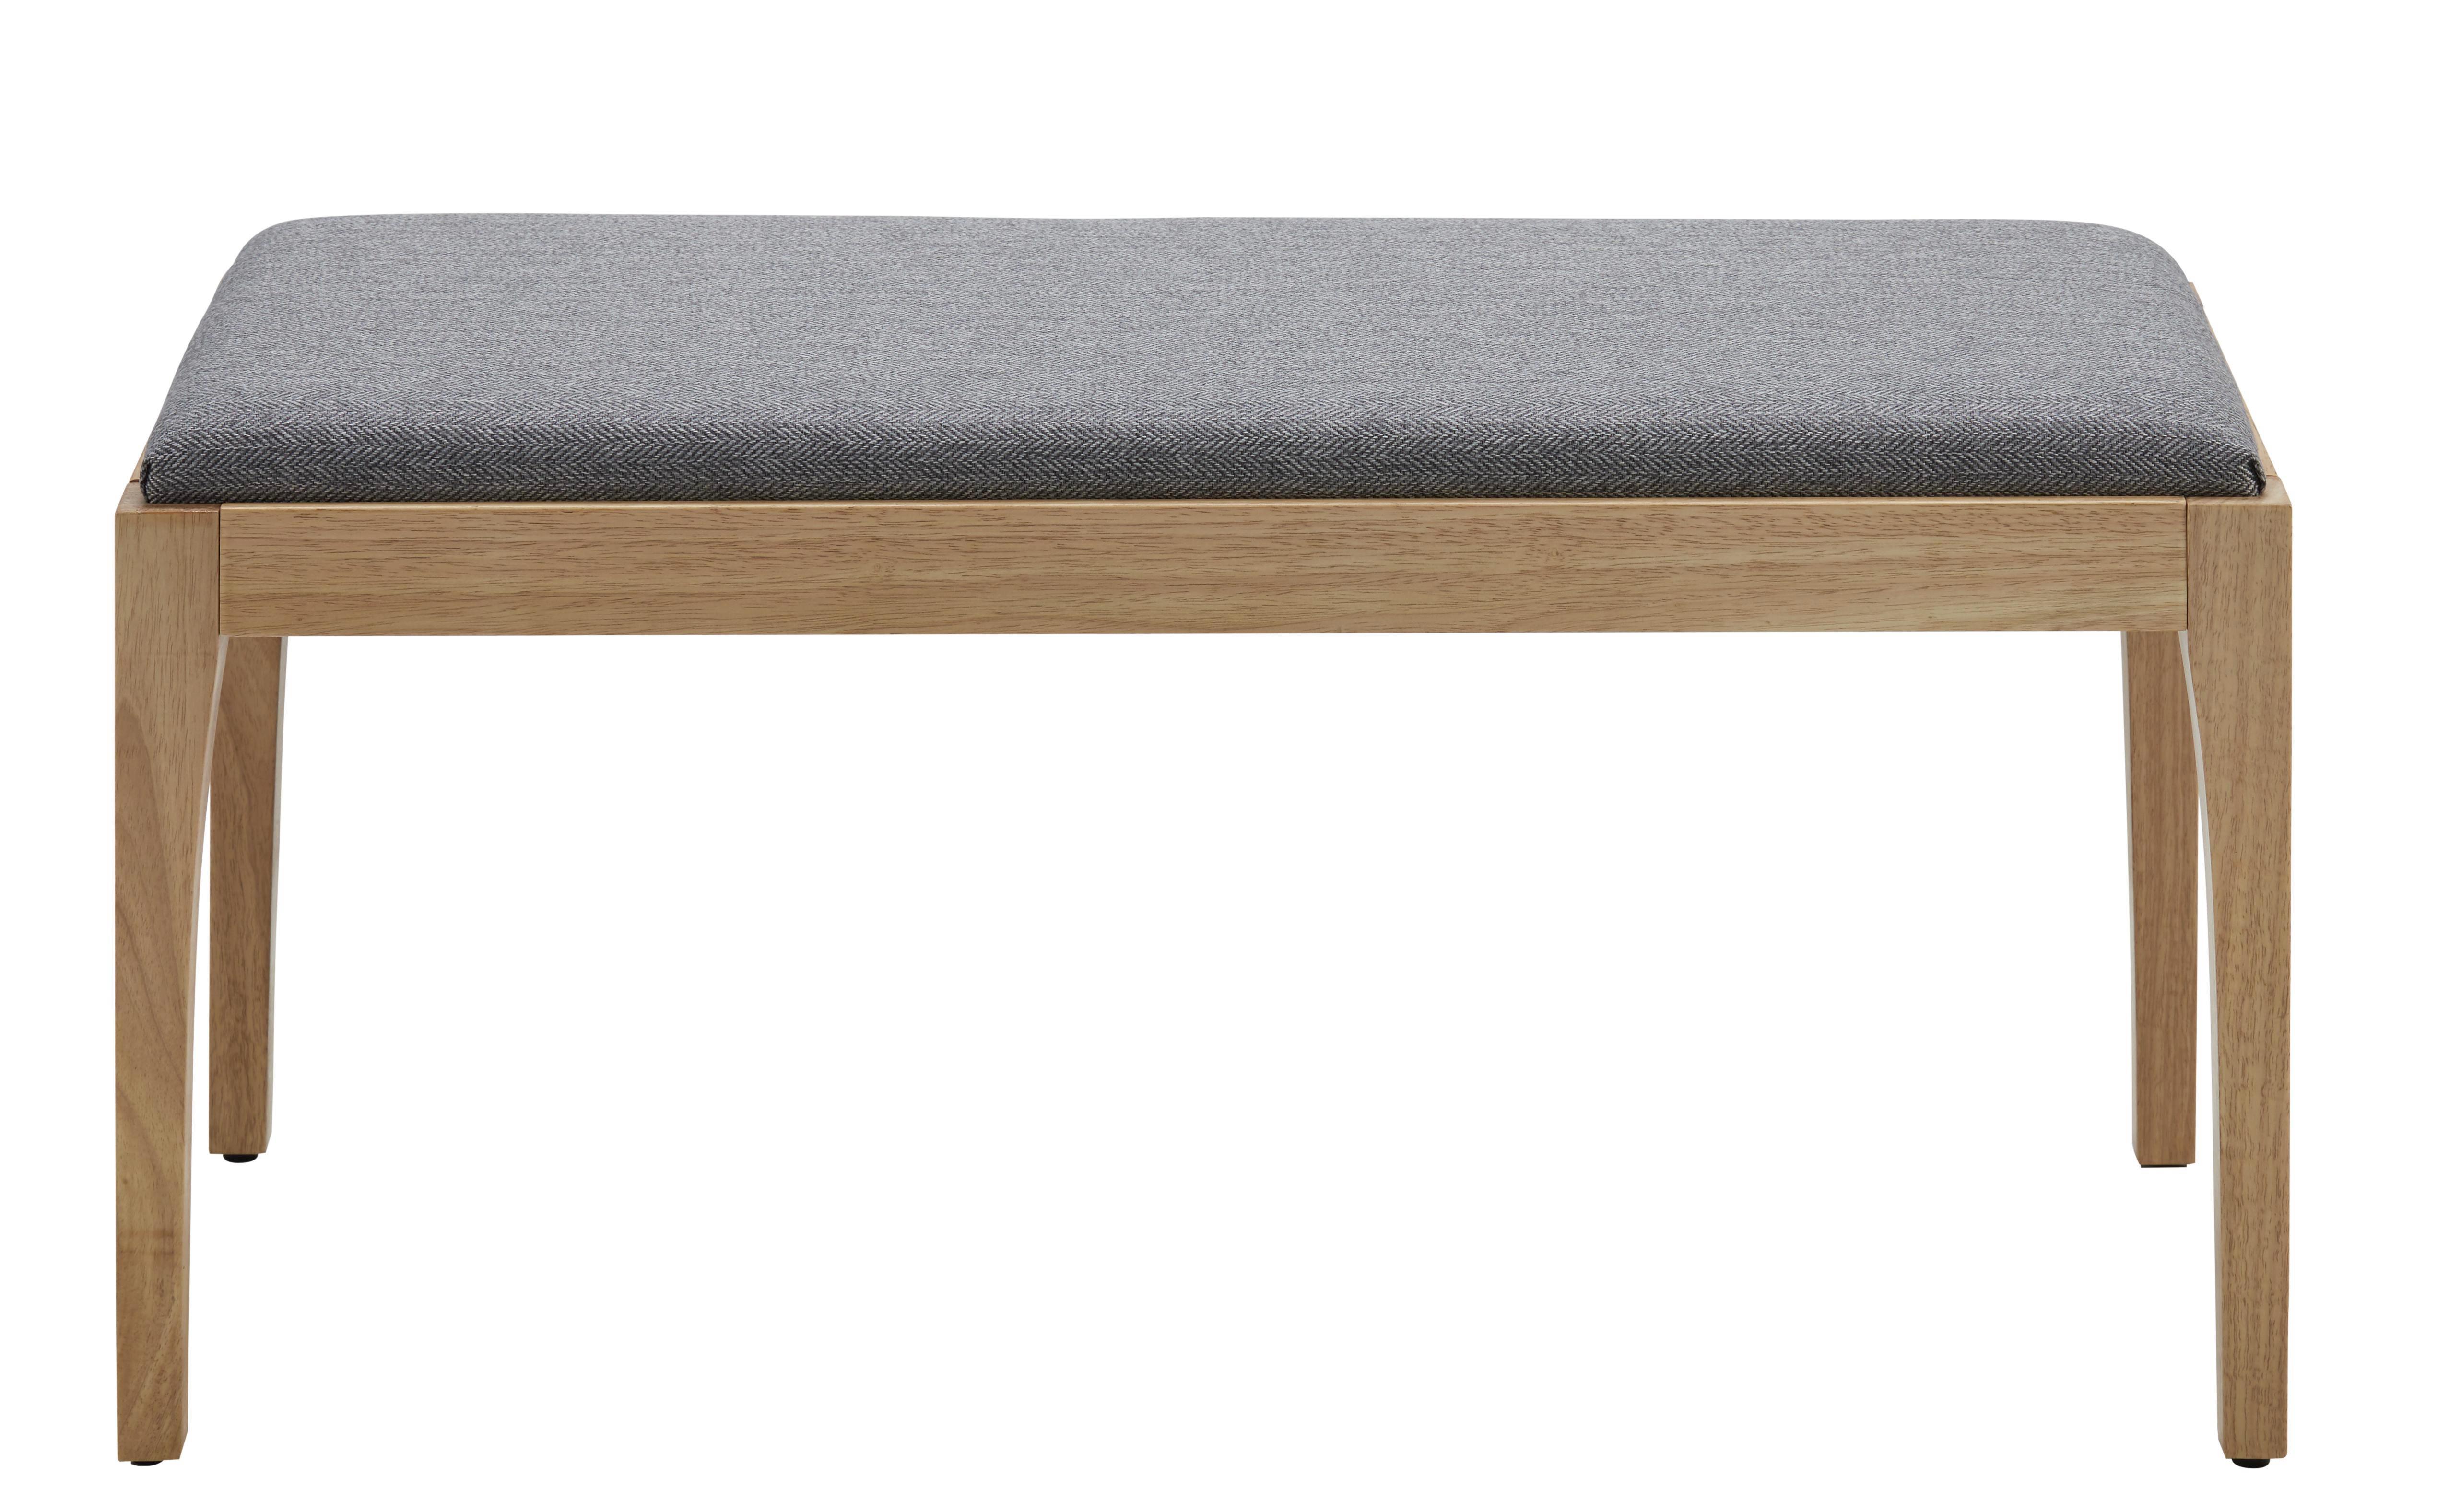 Inspirierend Holzbank Mit Lehne Ideen